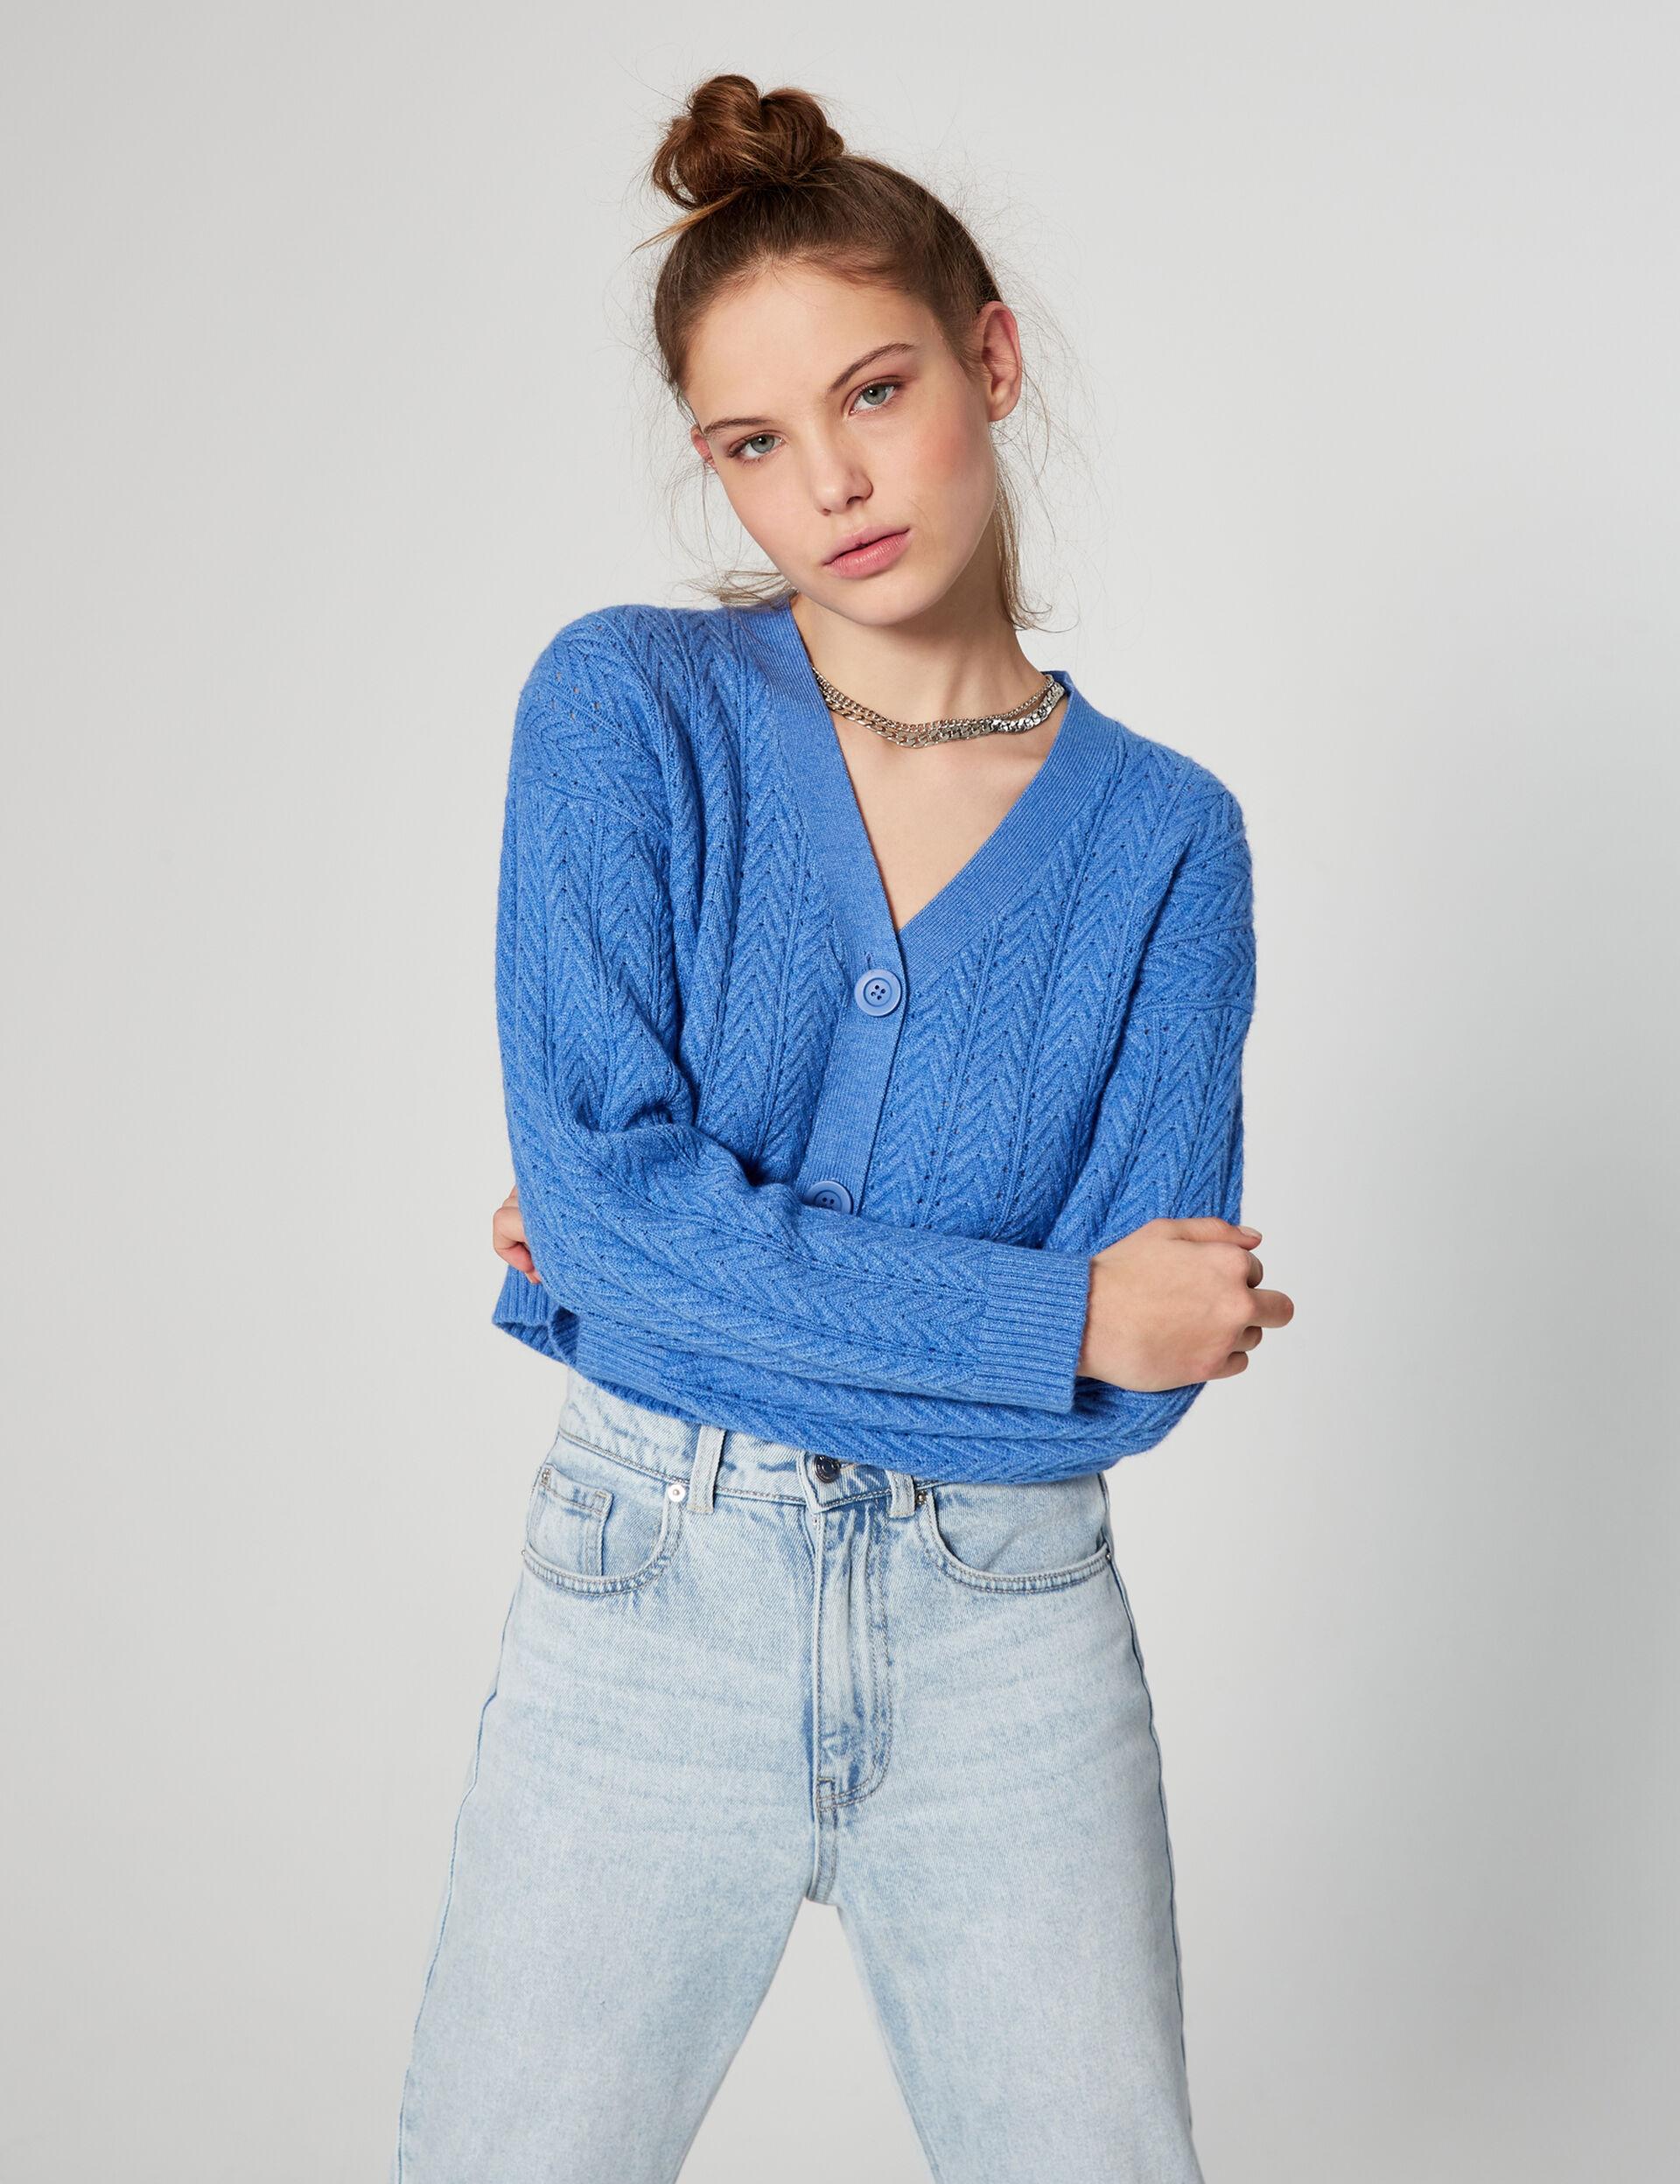 Chevron-knit cardigan